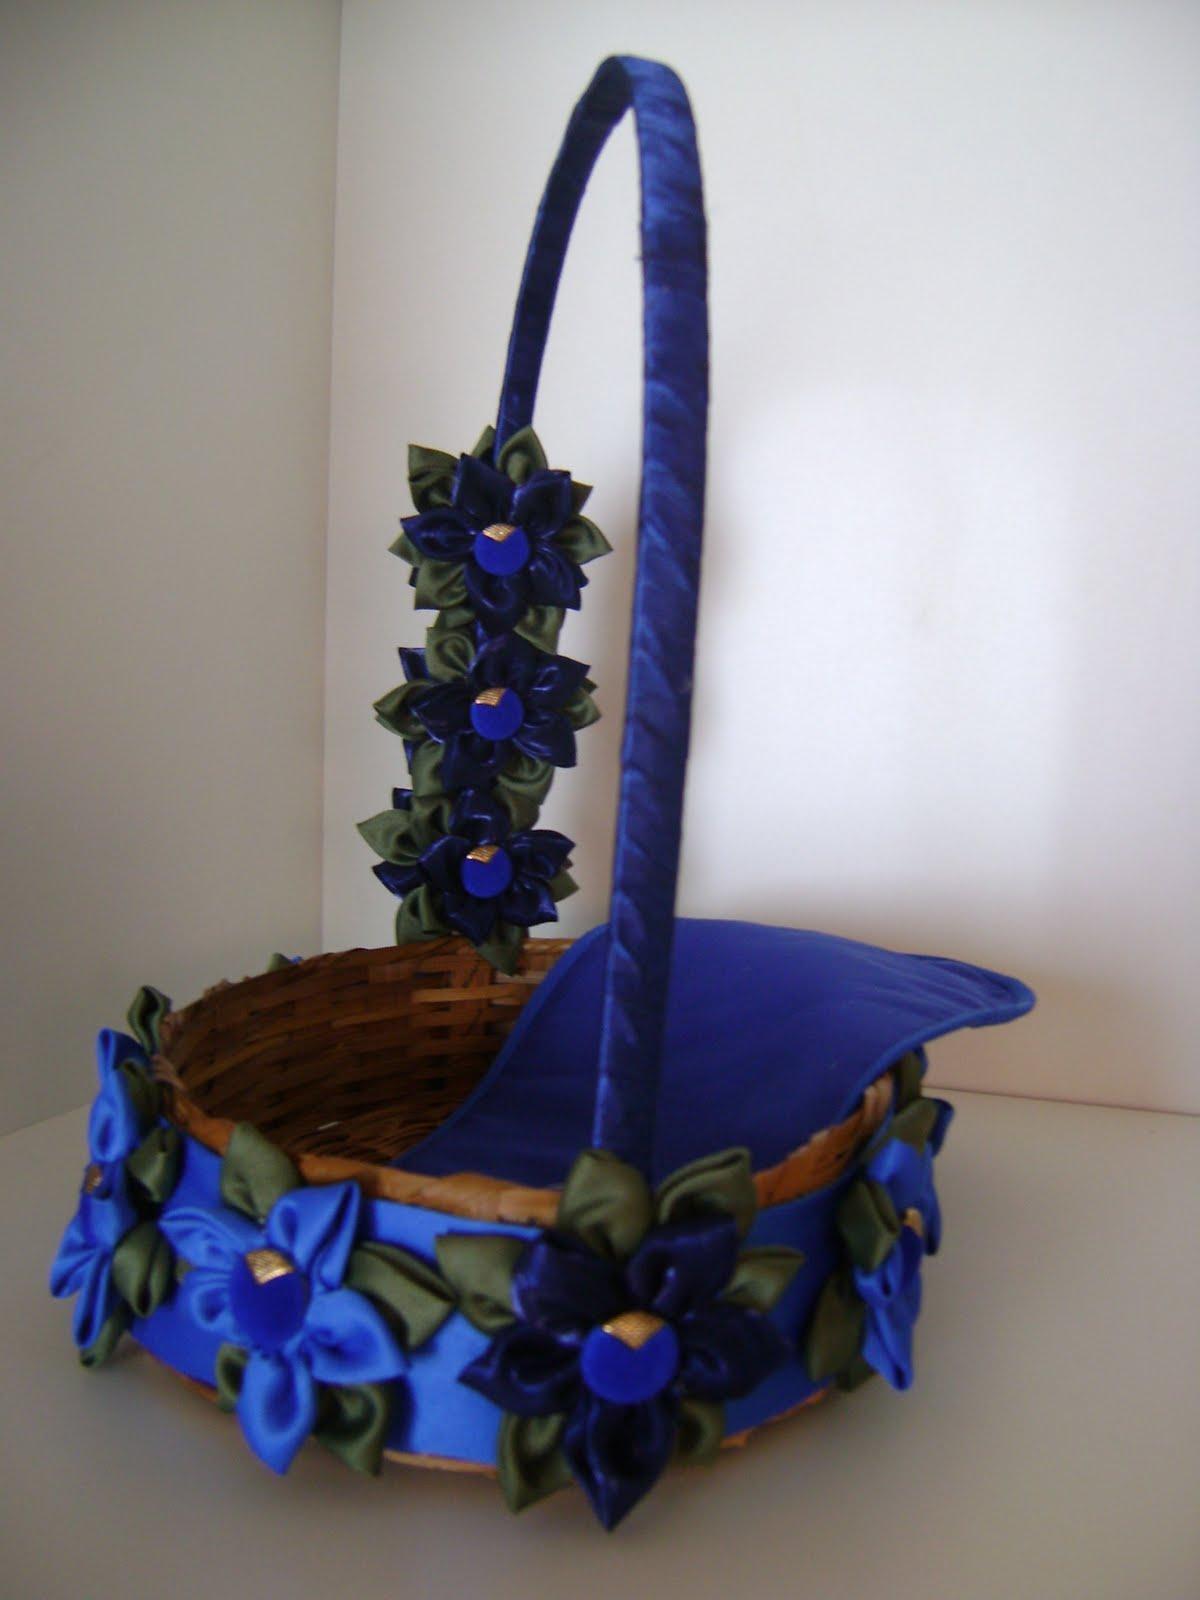 http://3.bp.blogspot.com/_UG3IfqLXa68/TJds_gjfF4I/AAAAAAAAAko/sygQ0Lrpx5c/s1600/artesanatos+1+030.jpg